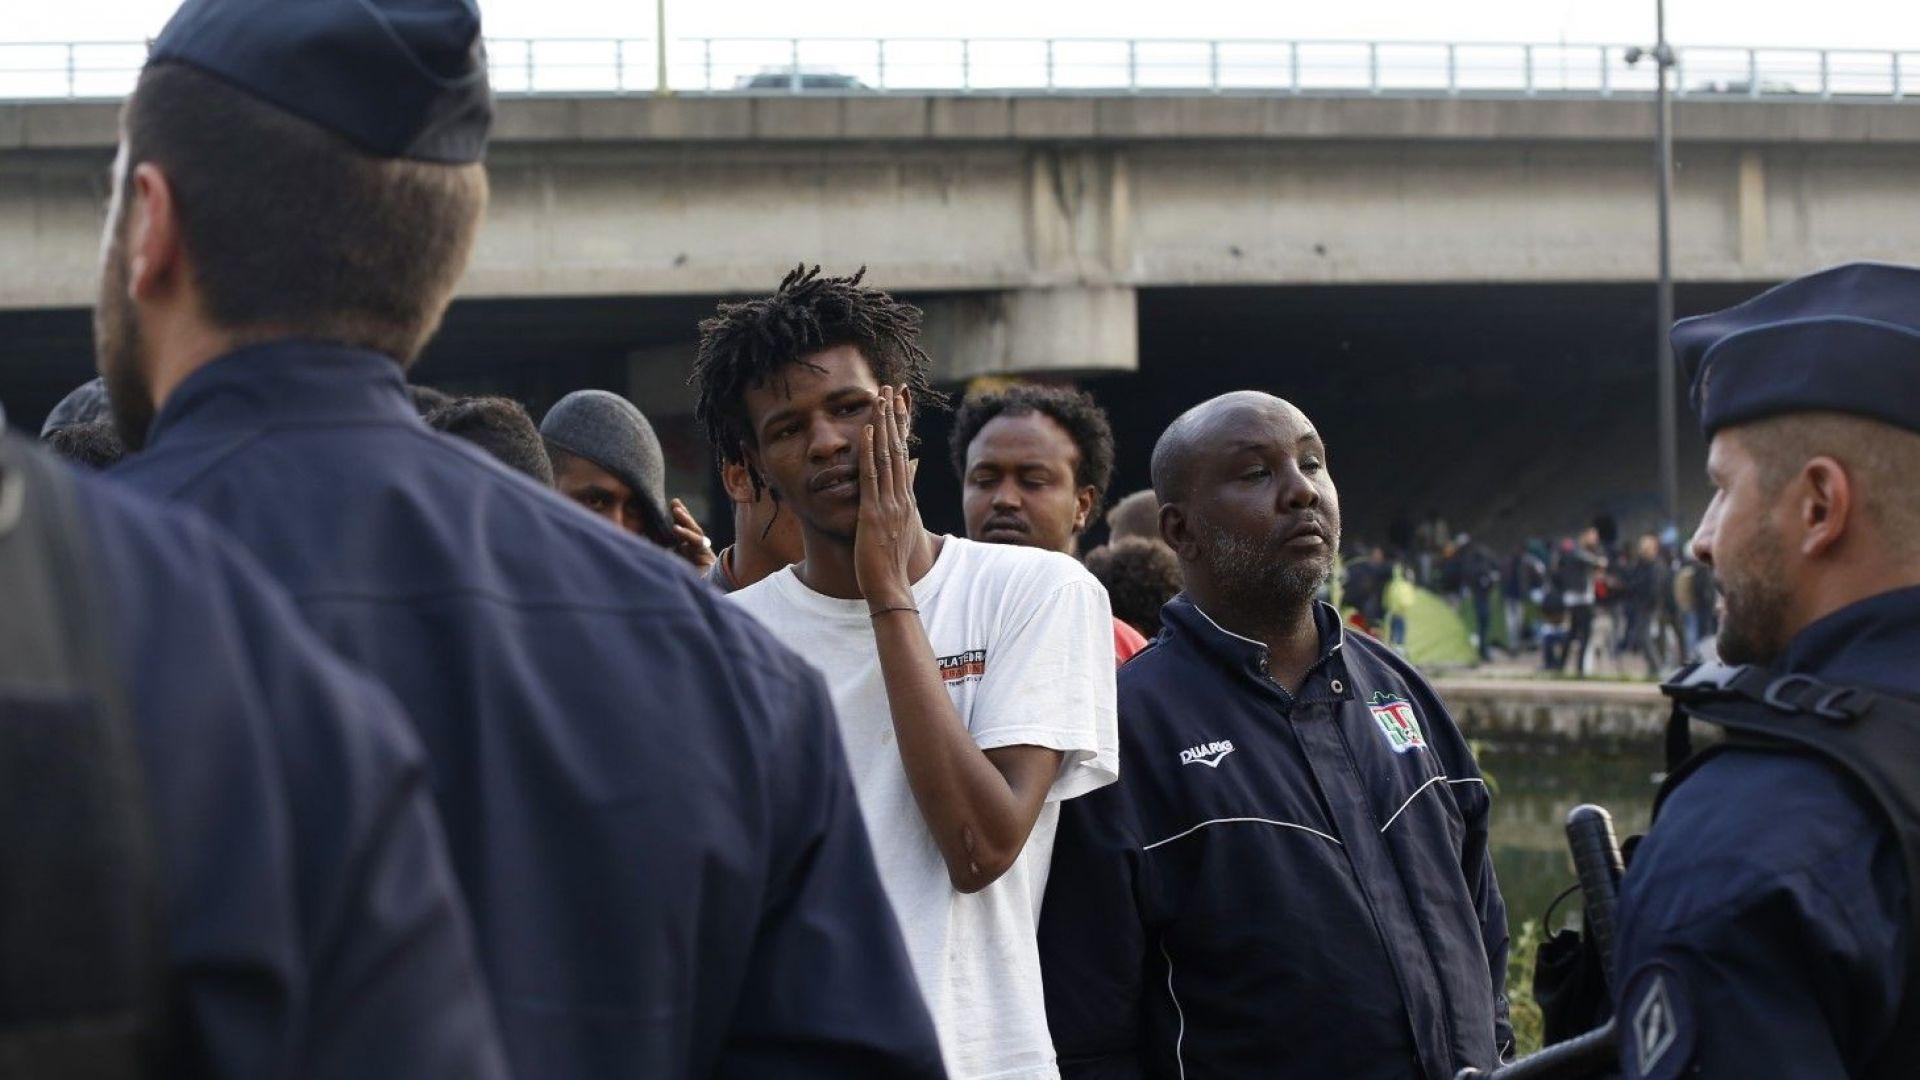 Полицията в Париж разчисти лагер със стотици мигранти (снимки и видео)